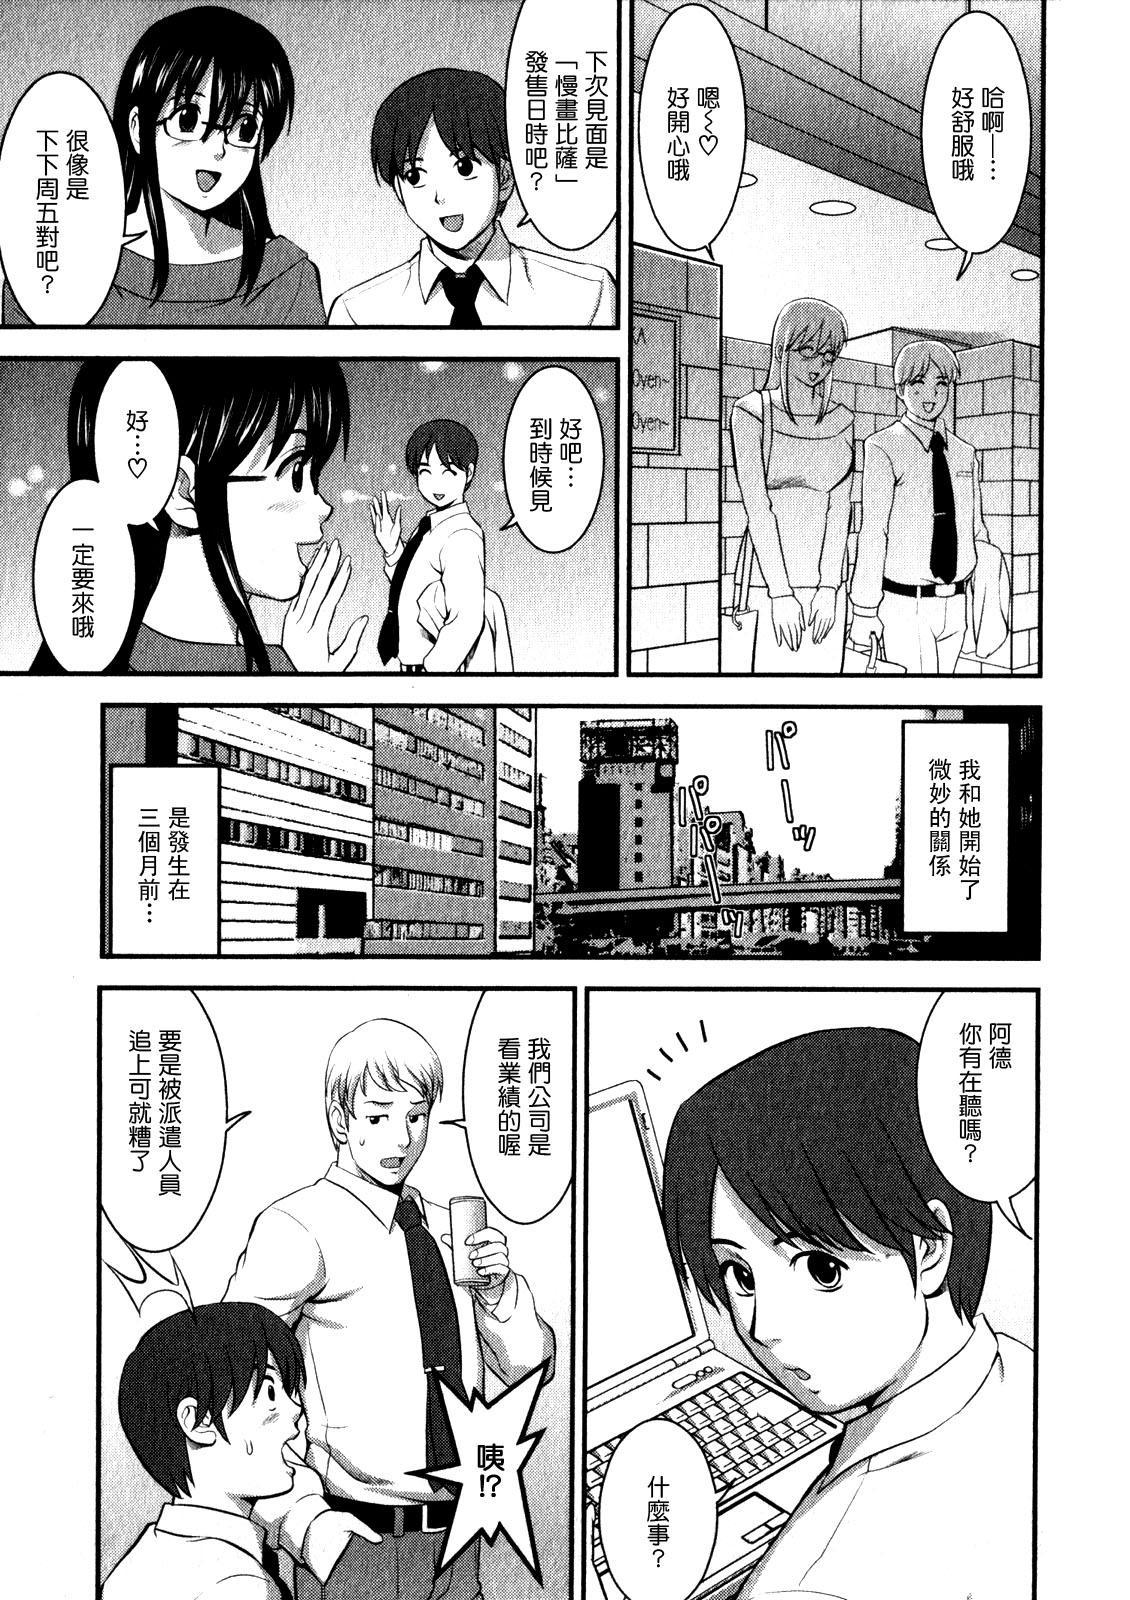 Otaku no Megami-san 1 130